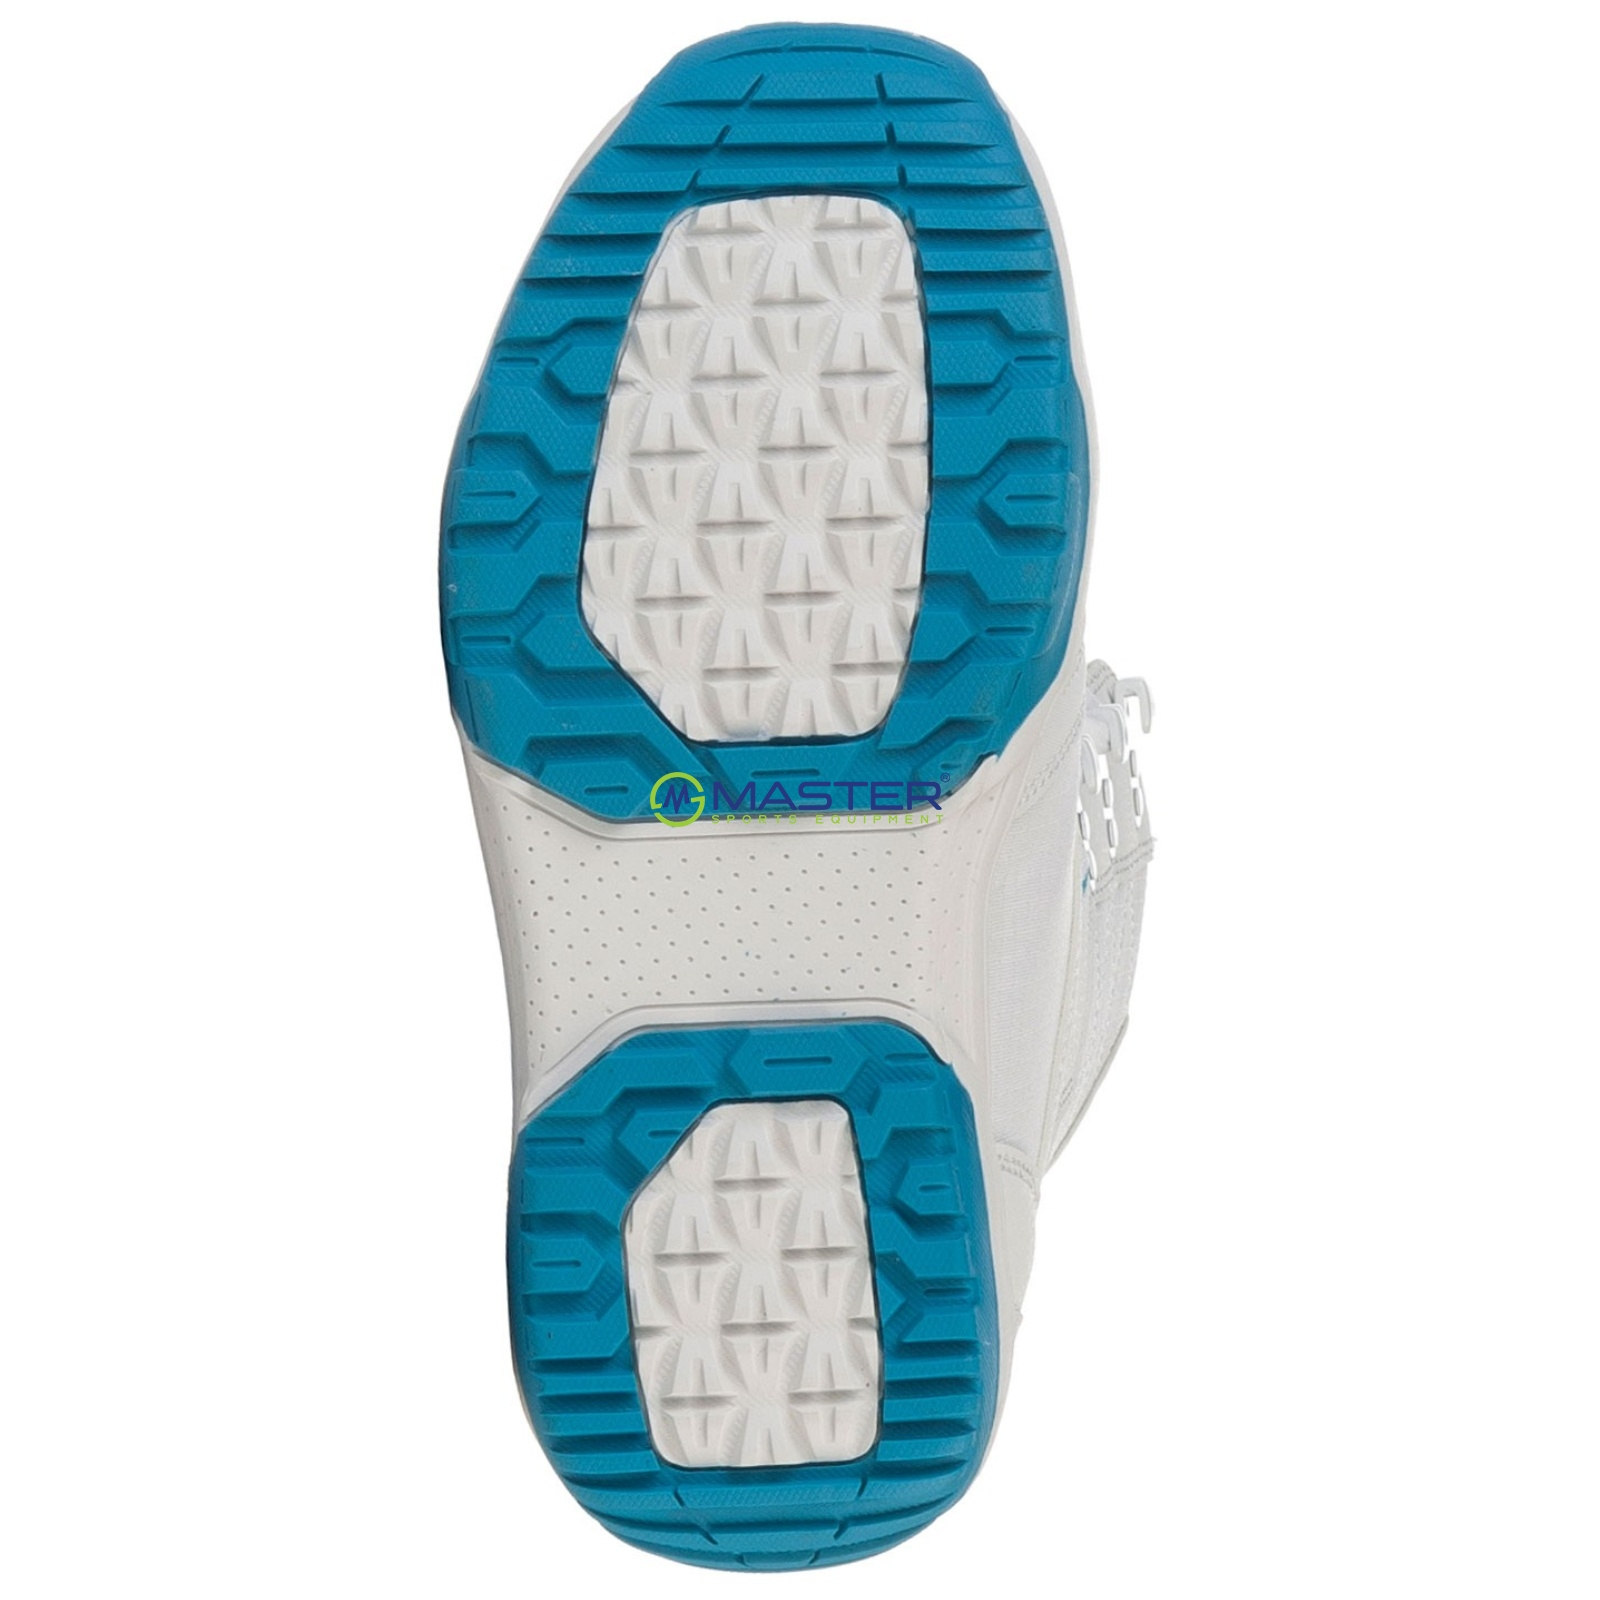 Topánky na snowboard GRAVITY Aura - biele - veľ. 40. Poslať odkaz f352f44957e